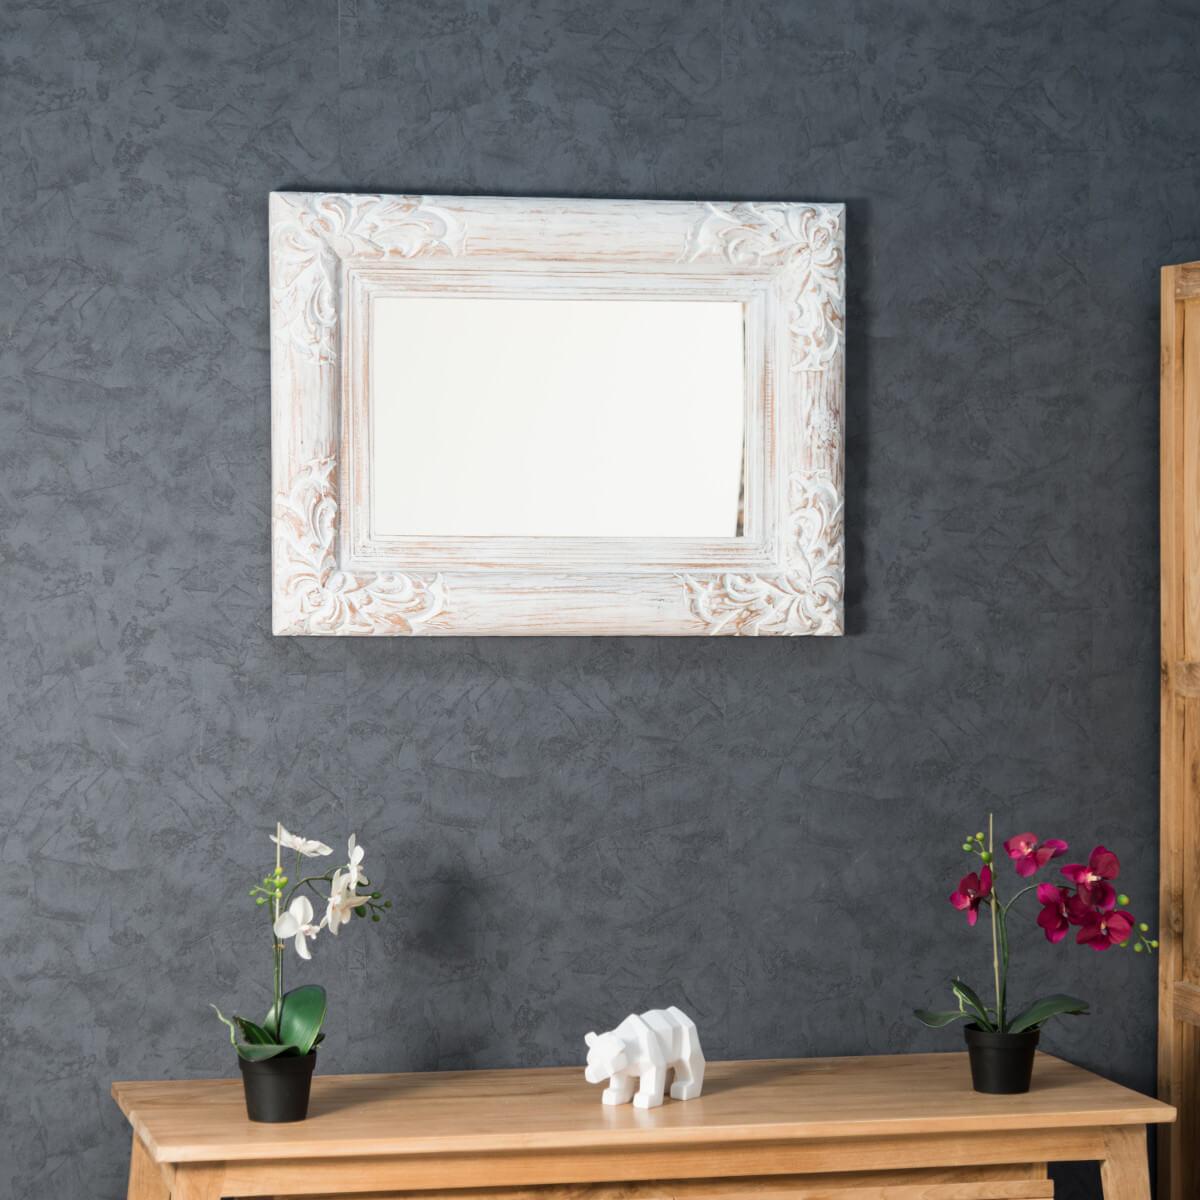 Miroir de d coration en bois massif valence - Blanc de ceruse ...